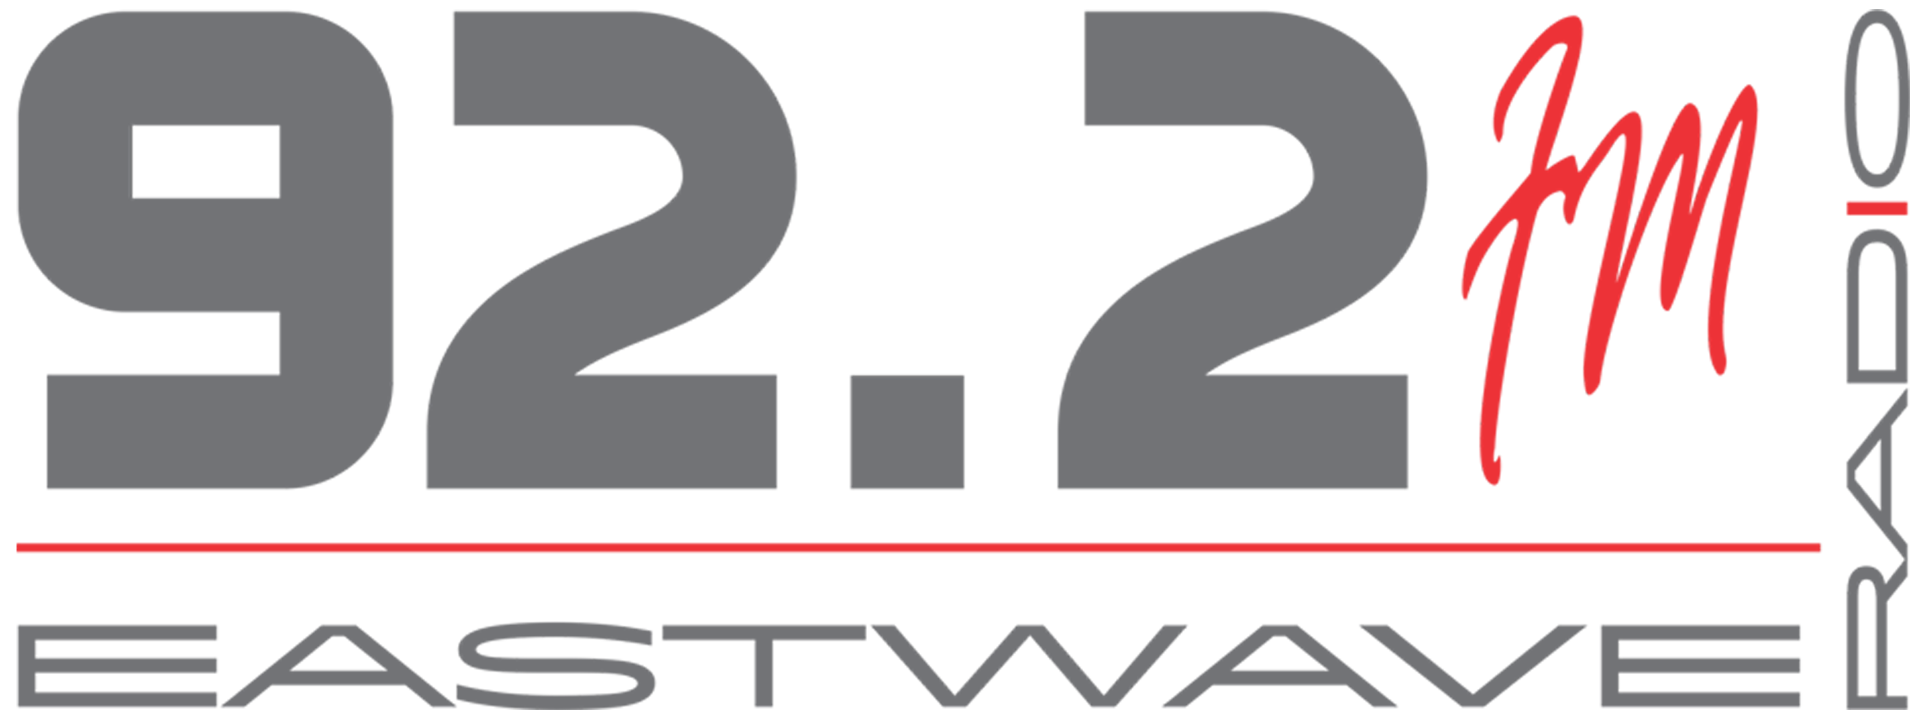 Eastwave FM